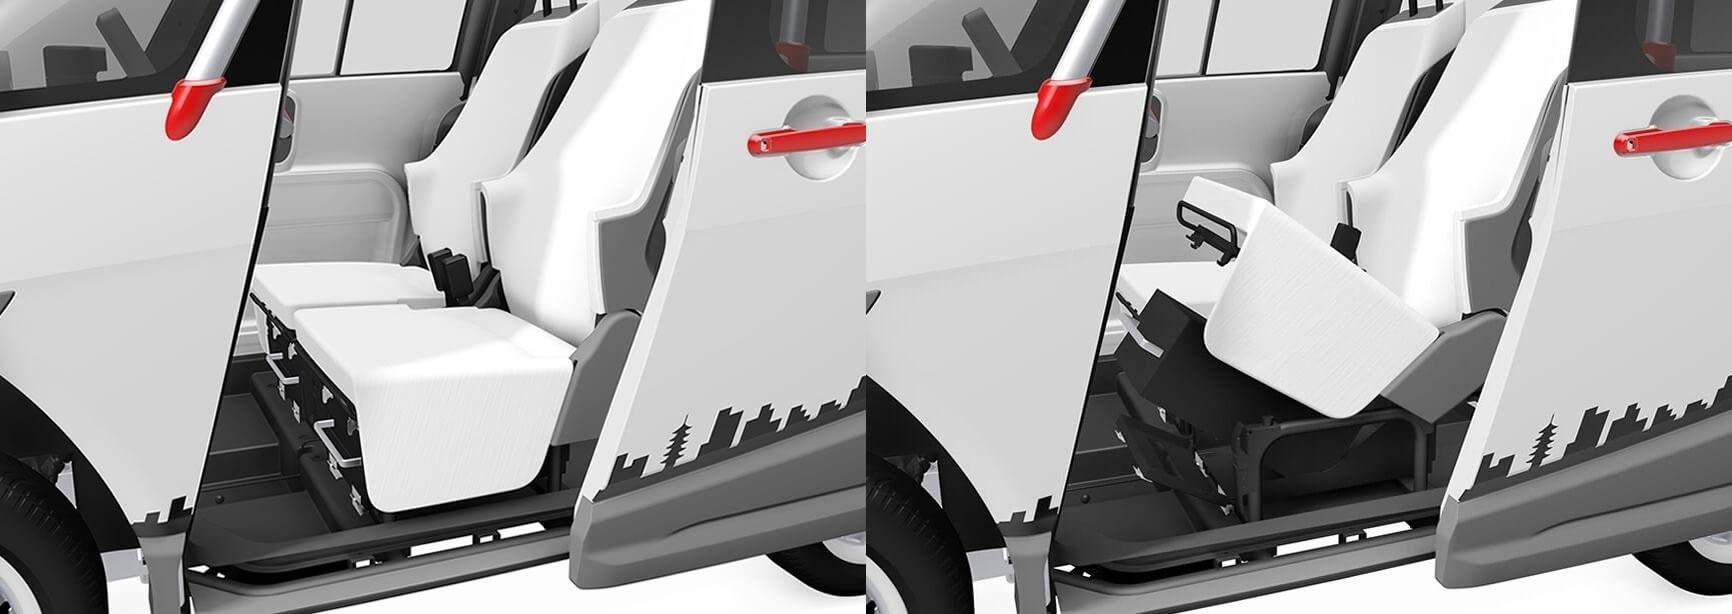 Расположение съемных аккумуляторов Fomm Concept One